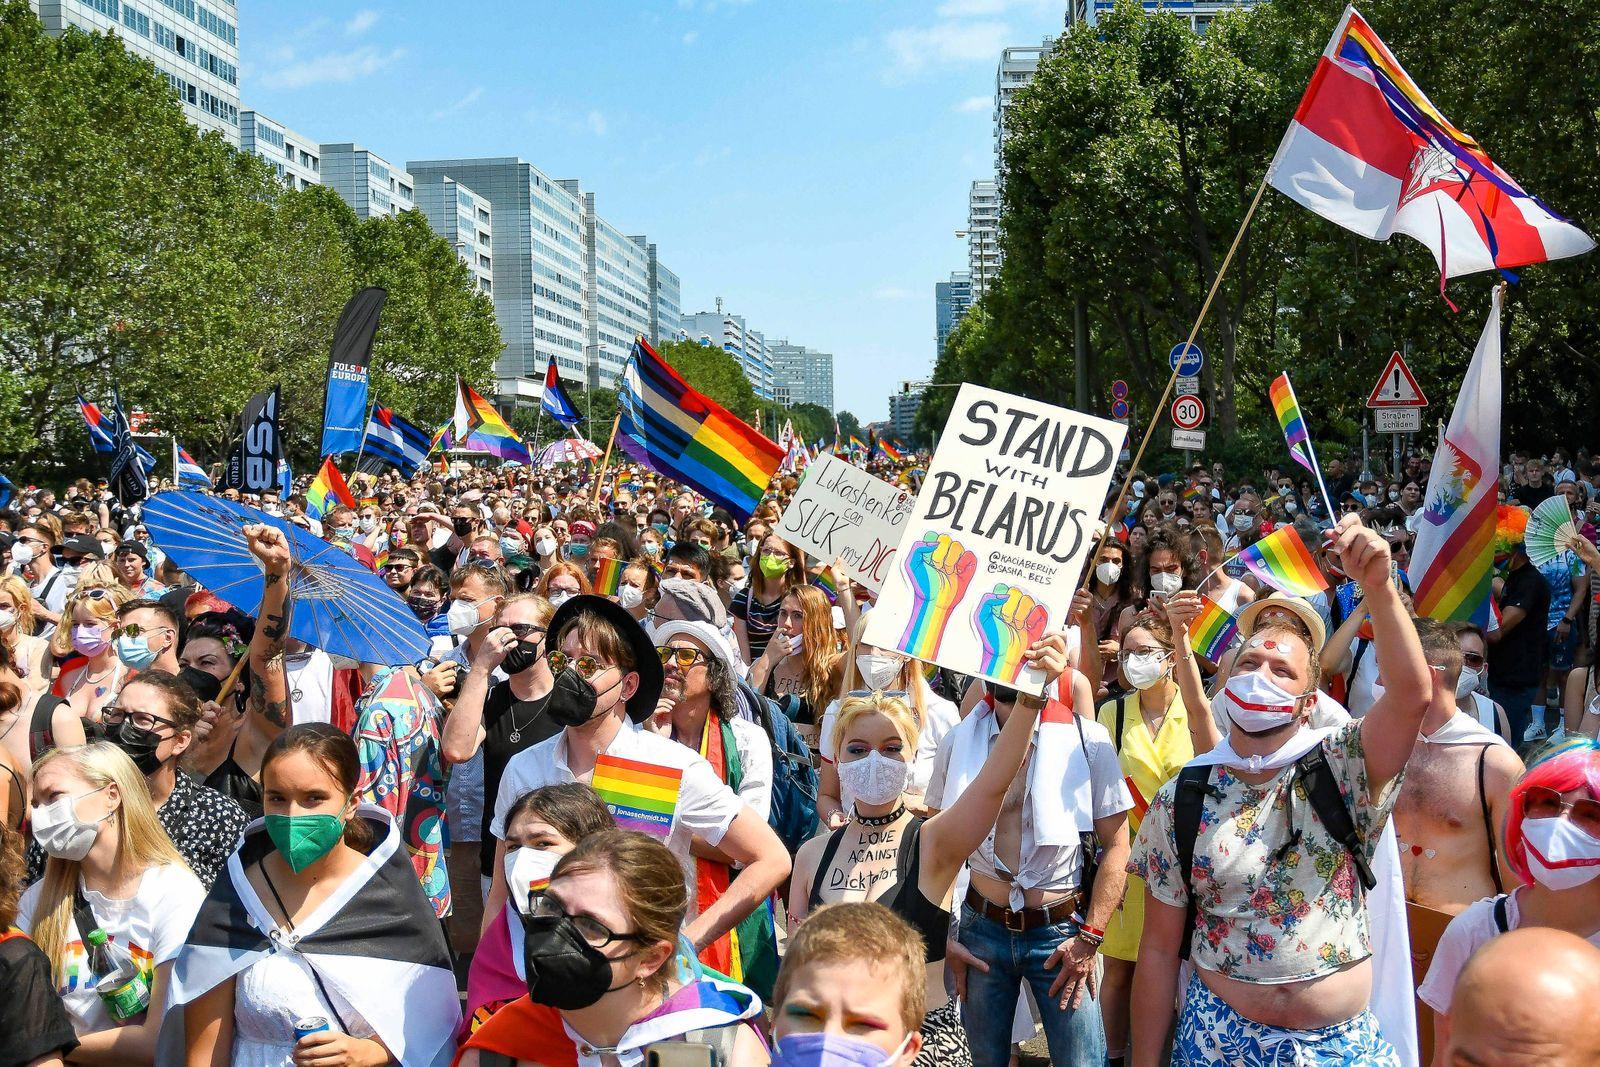 24.07.2021, xlakx, Vermischtes, Christopher Street Day in Berlin emspor, v.l.Tausende Teilnehmer ziehen durch die Straß